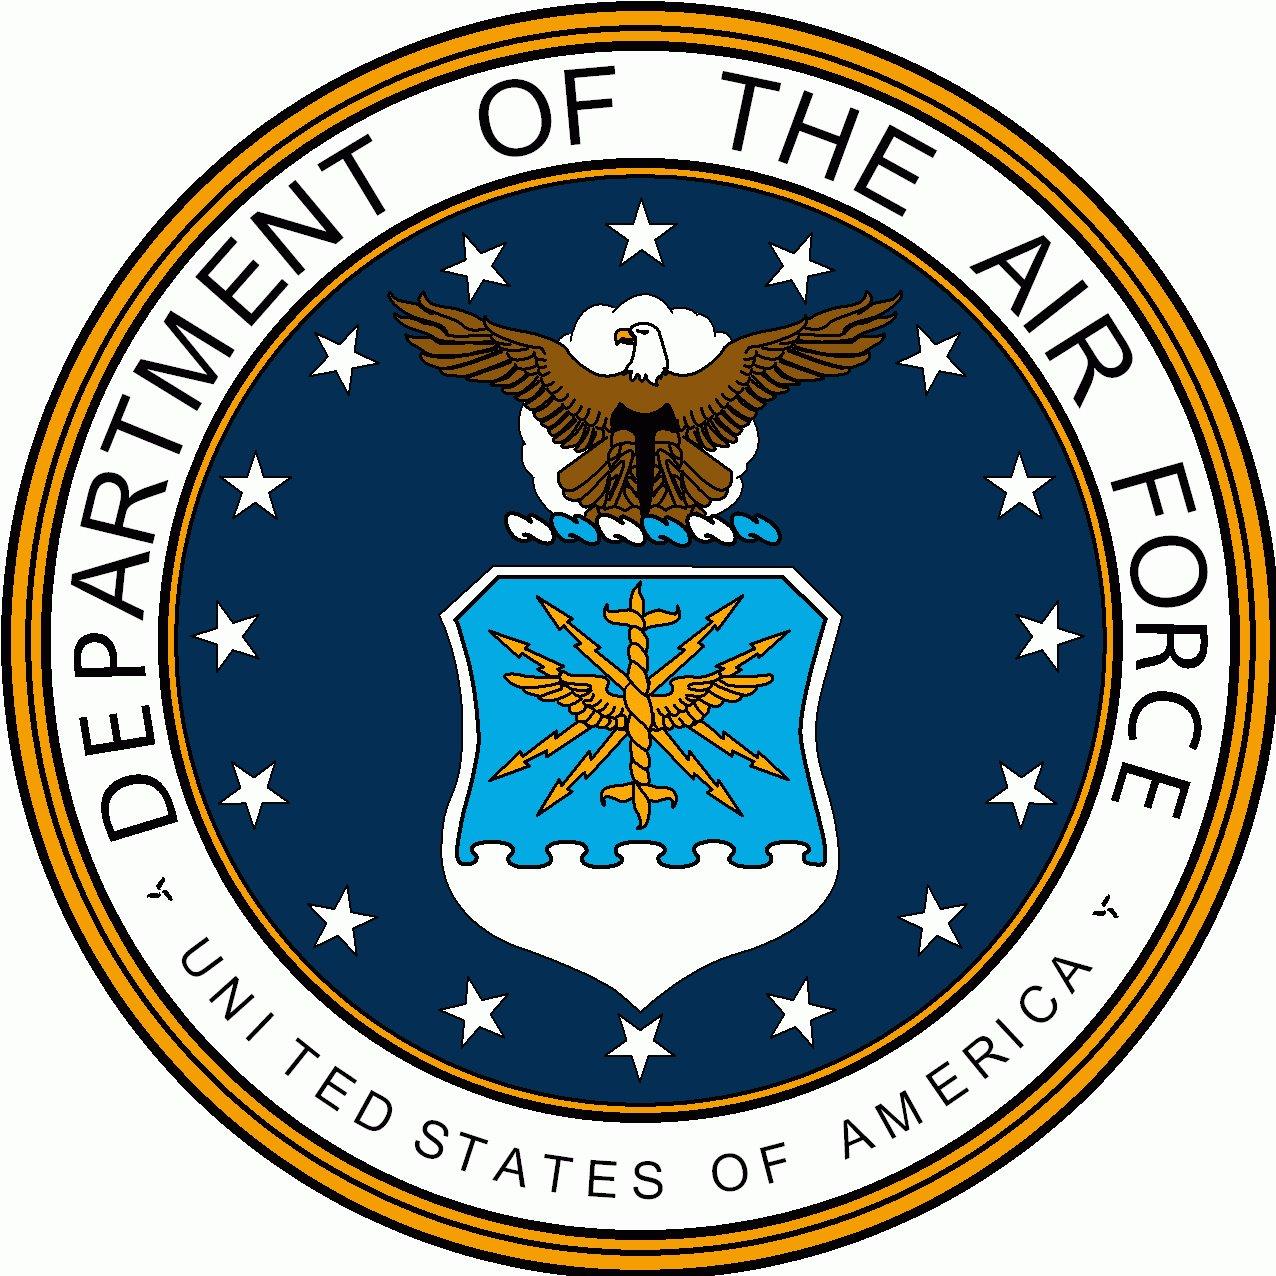 Af emblem clipart banner transparent Air force emblems clipart 7 » Clipart Station banner transparent